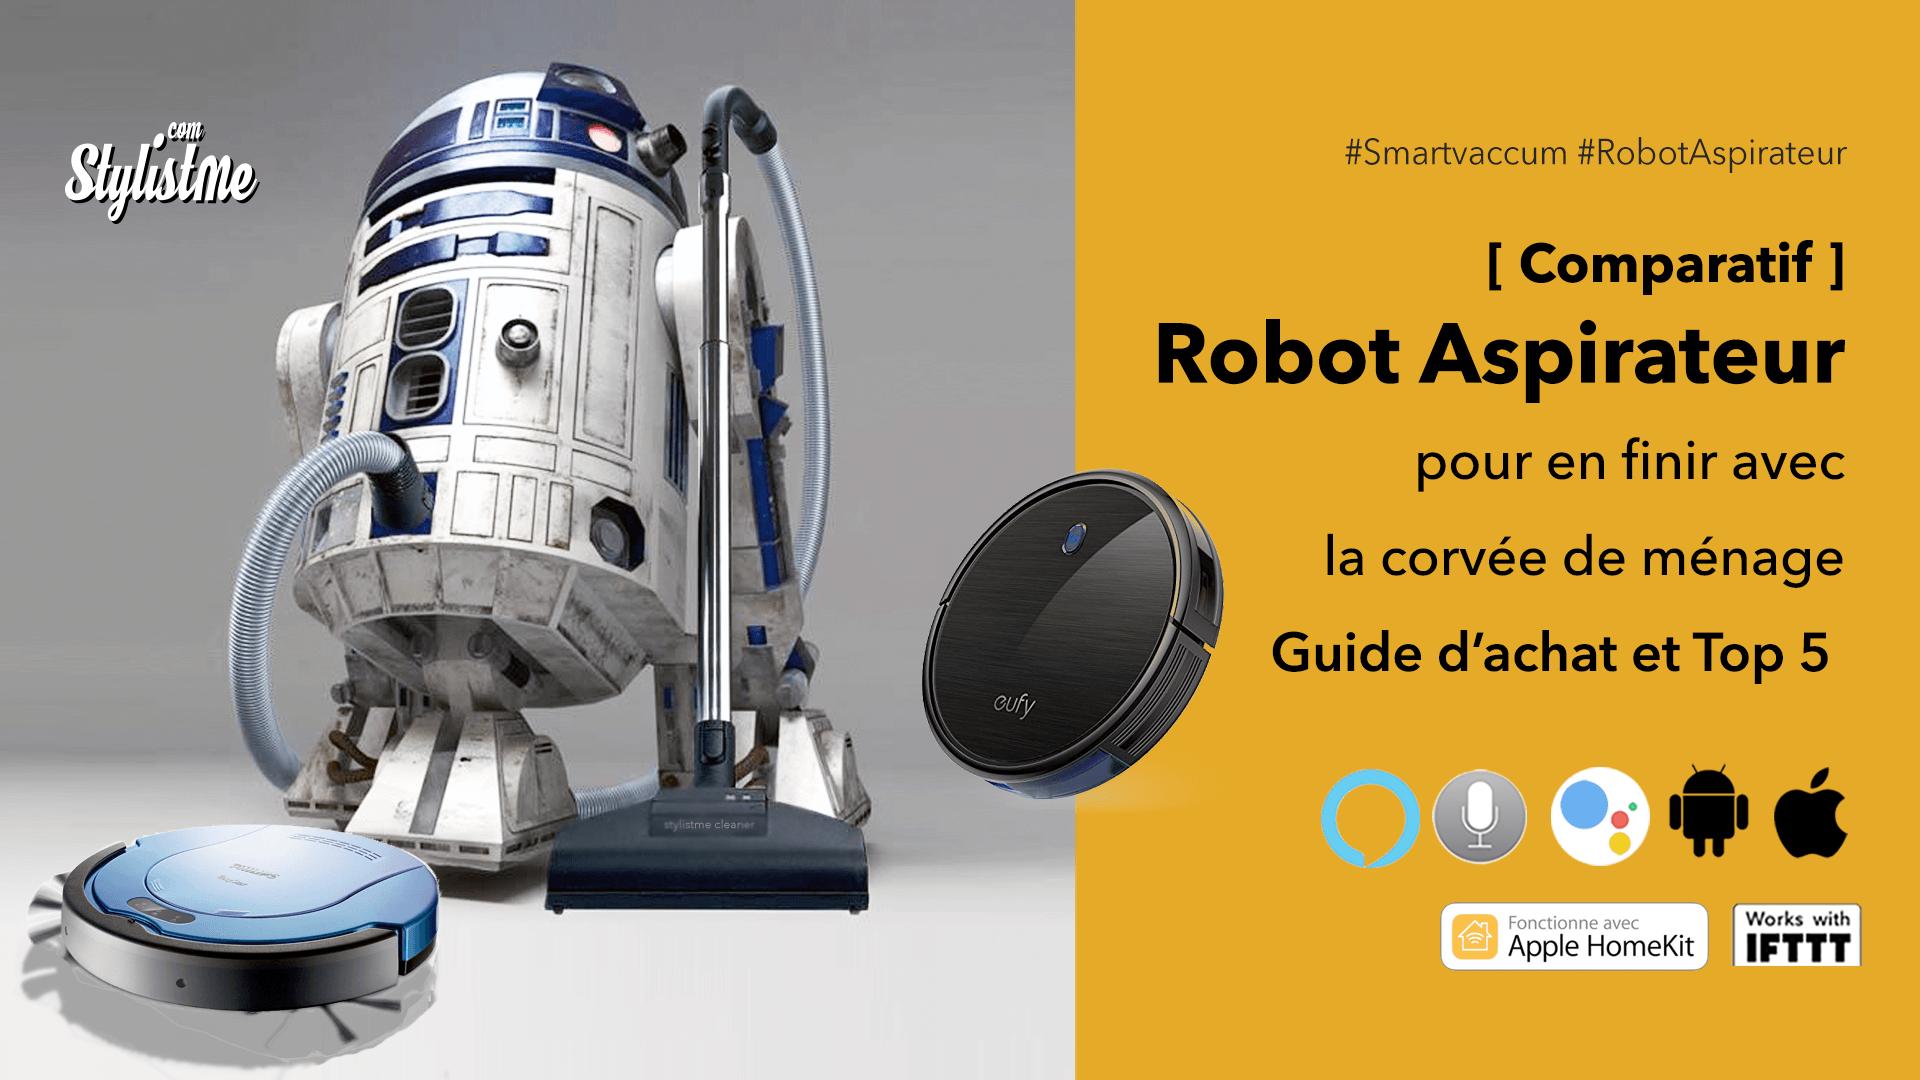 Meilleur robot aspirateur comparatif guide achat